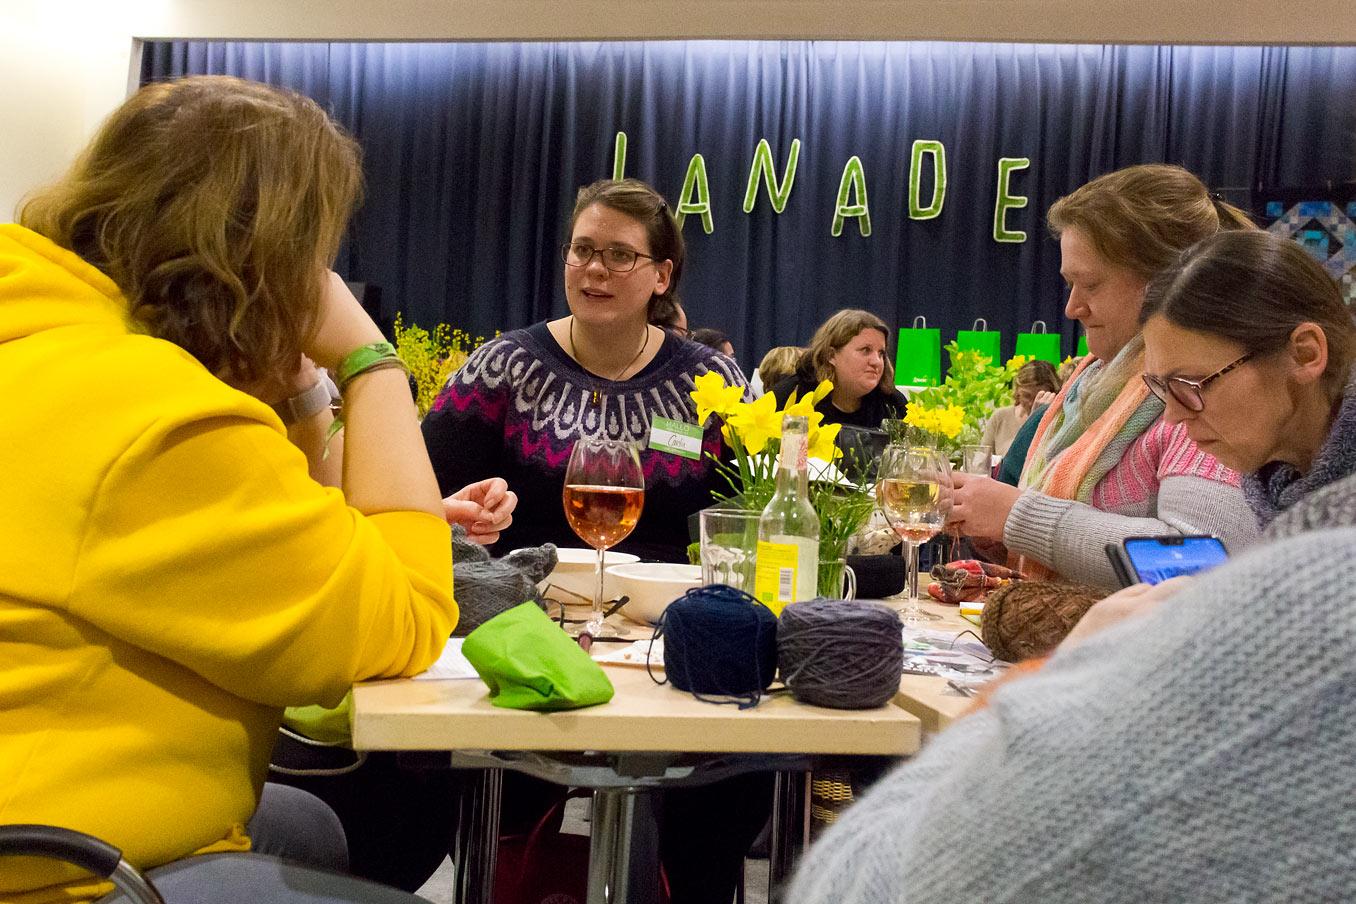 """Bild für Beitrag """"Nachbericht Lanade&Friends 2020"""" 3"""